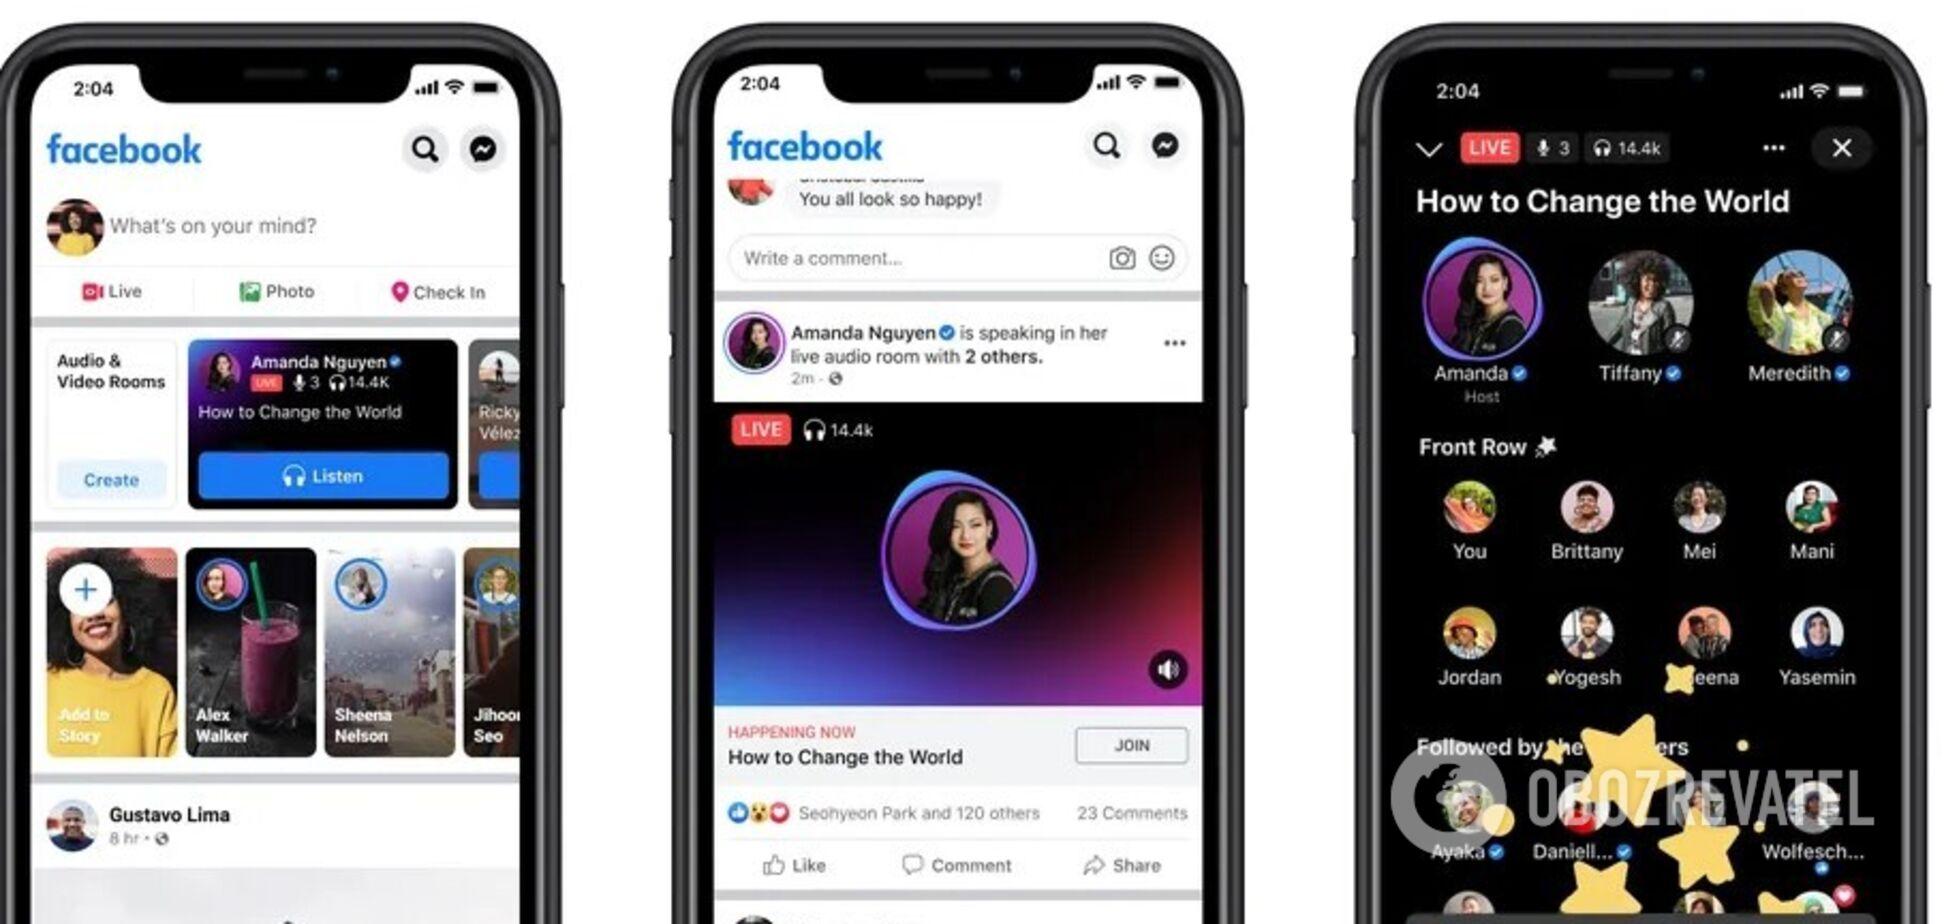 Facebook запустив сервіс для голосового спілкування, який може стати конкурентом Clubhouse